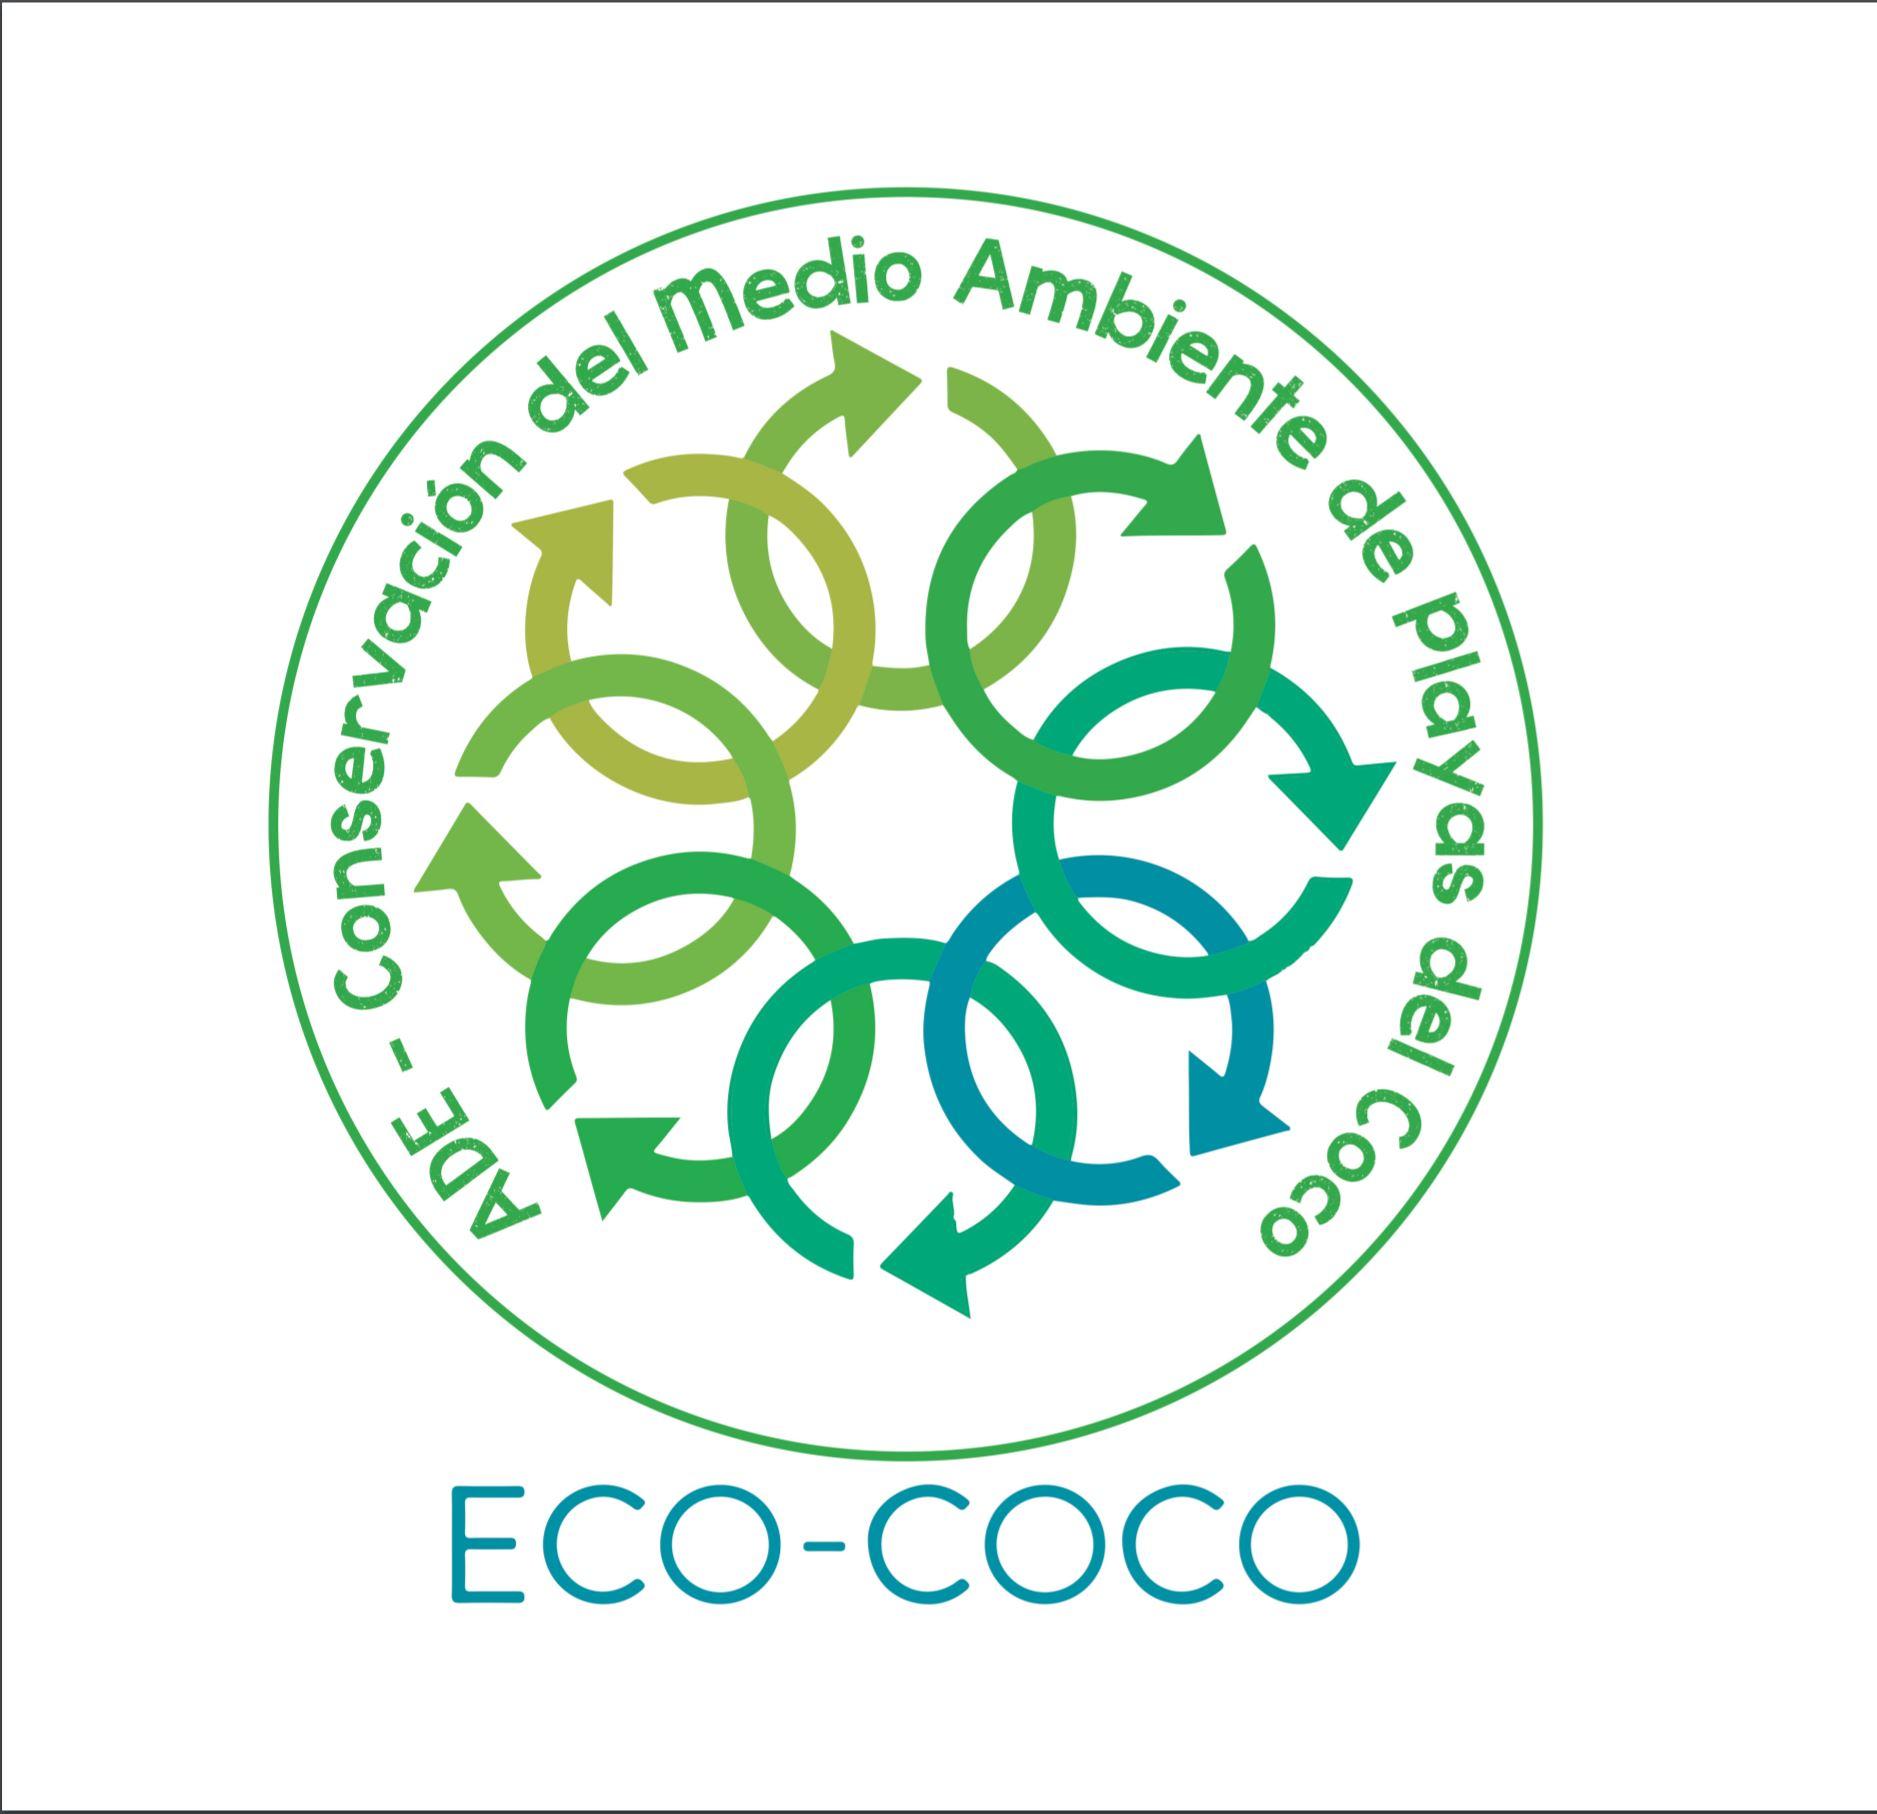 ADE Eco-Coco.JPG